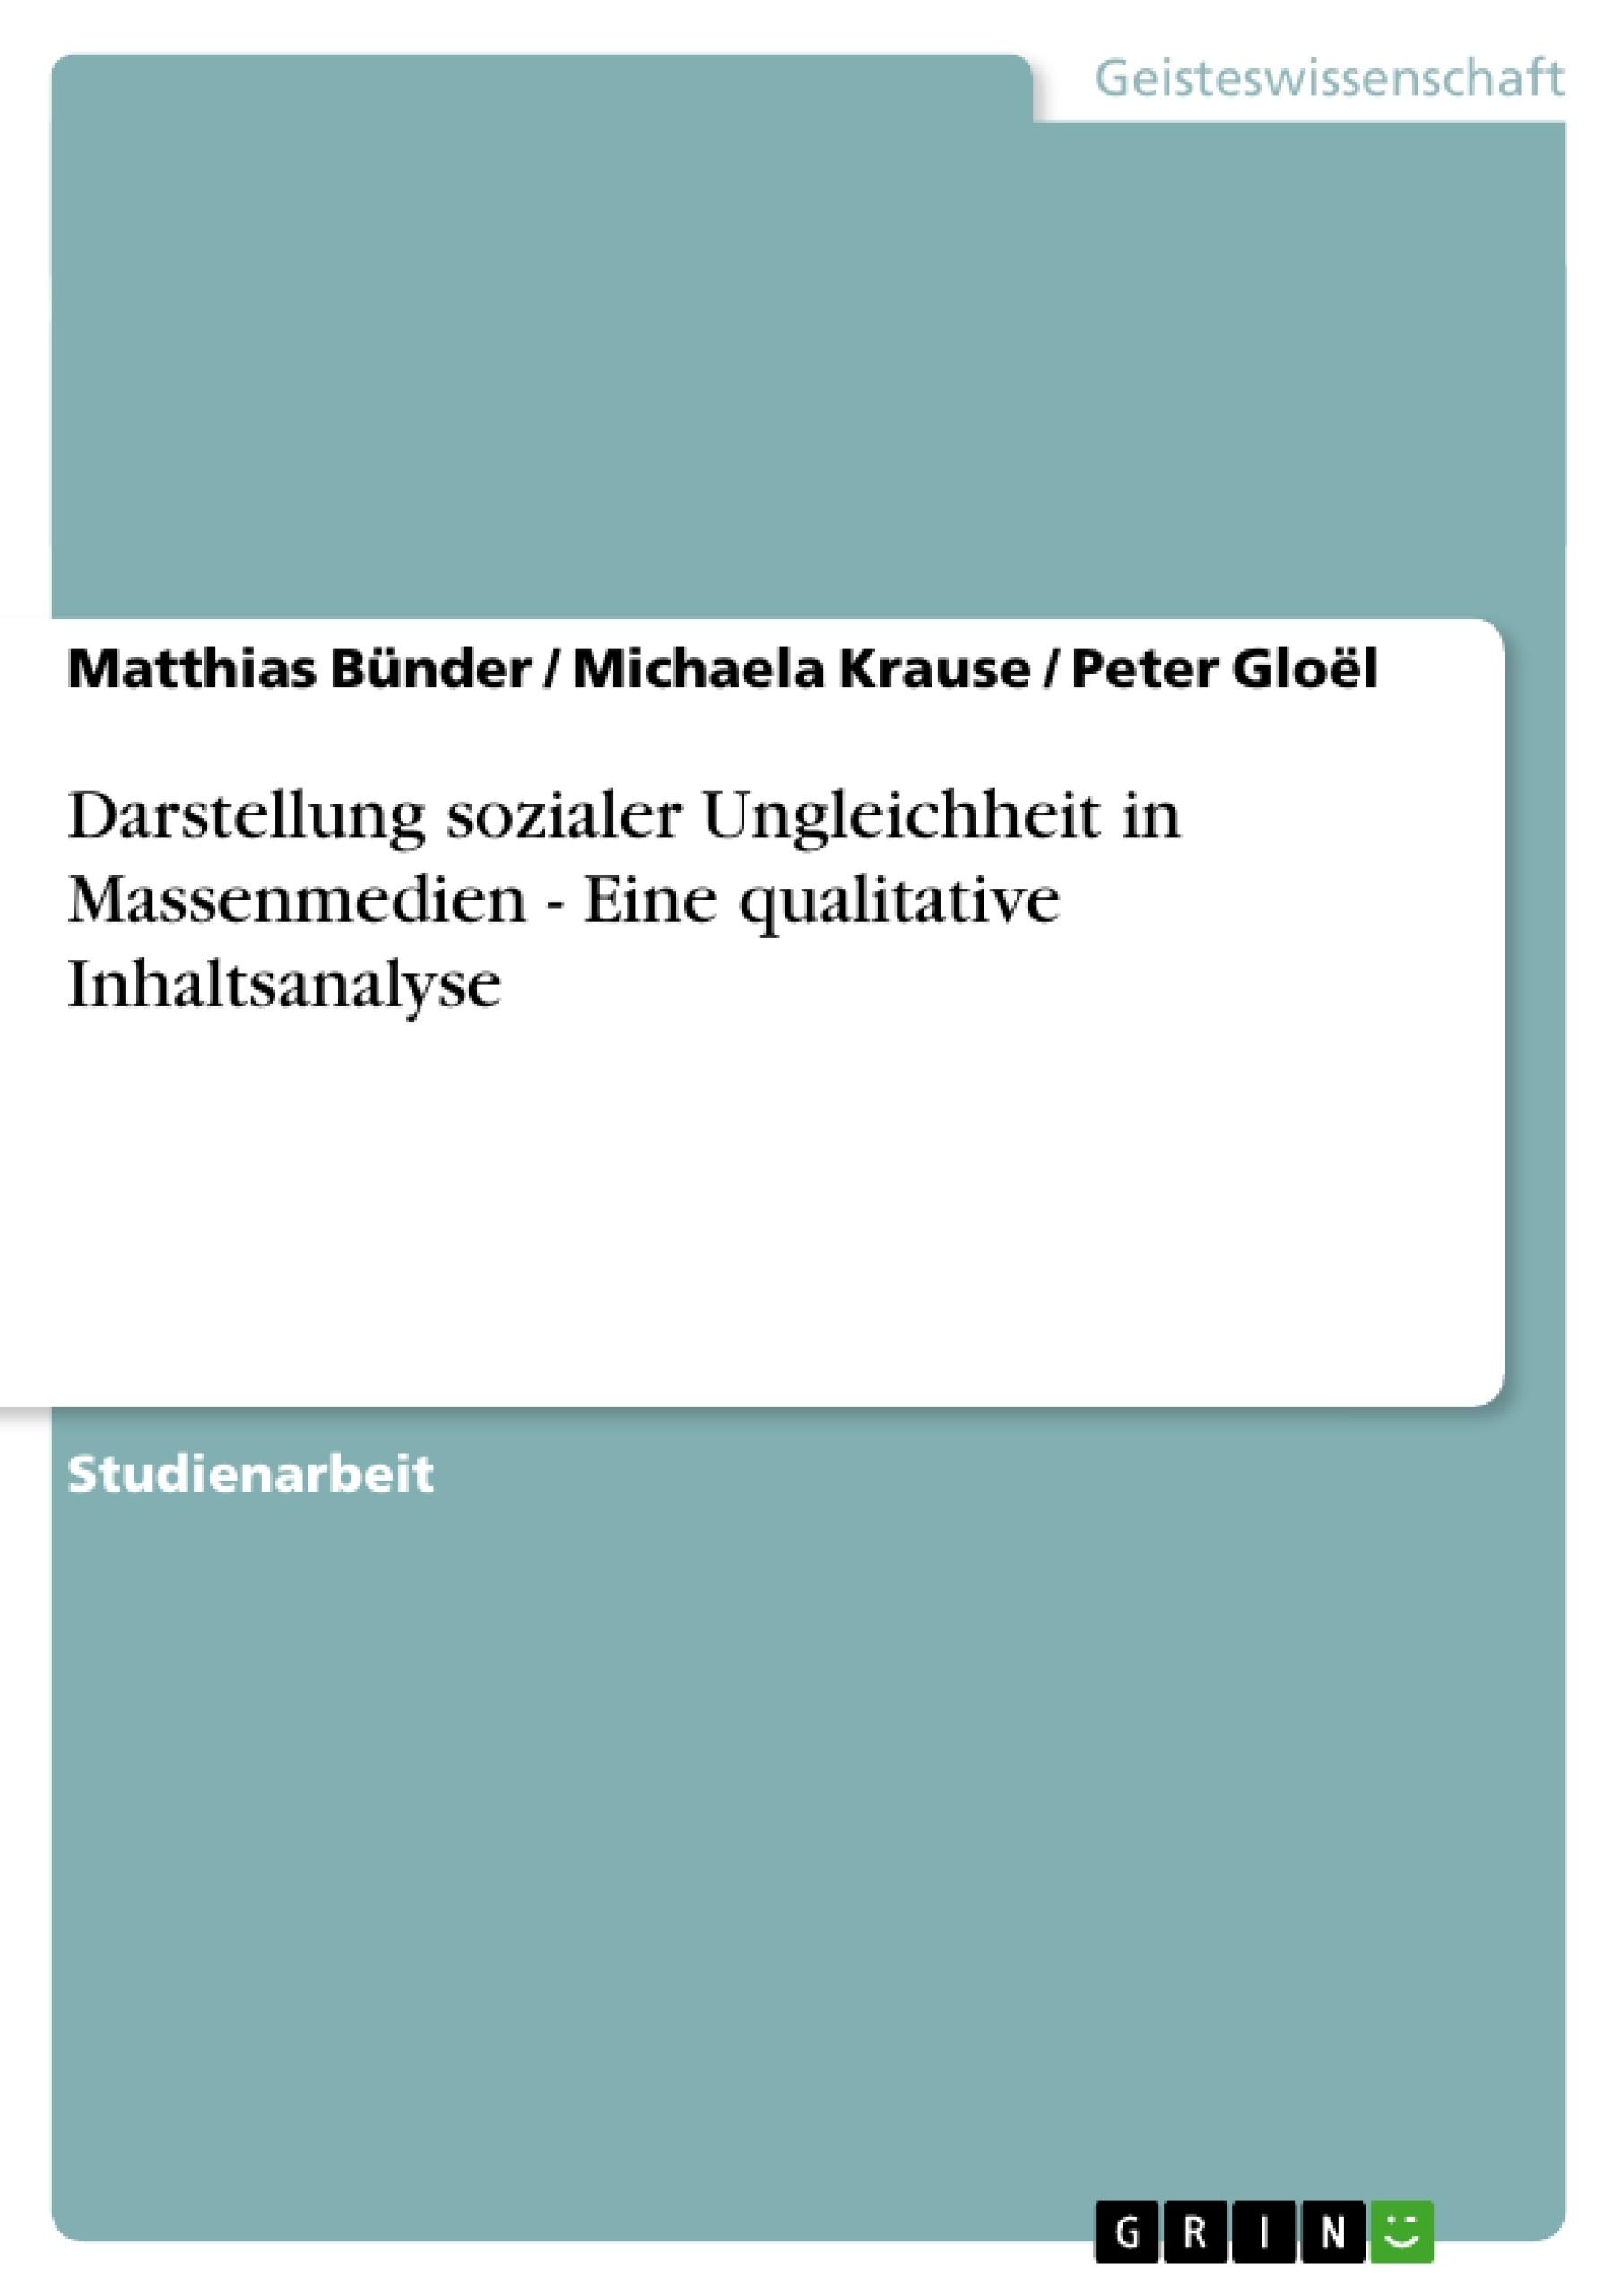 Titel: Darstellung sozialer Ungleichheit in Massenmedien - Eine qualitative Inhaltsanalyse